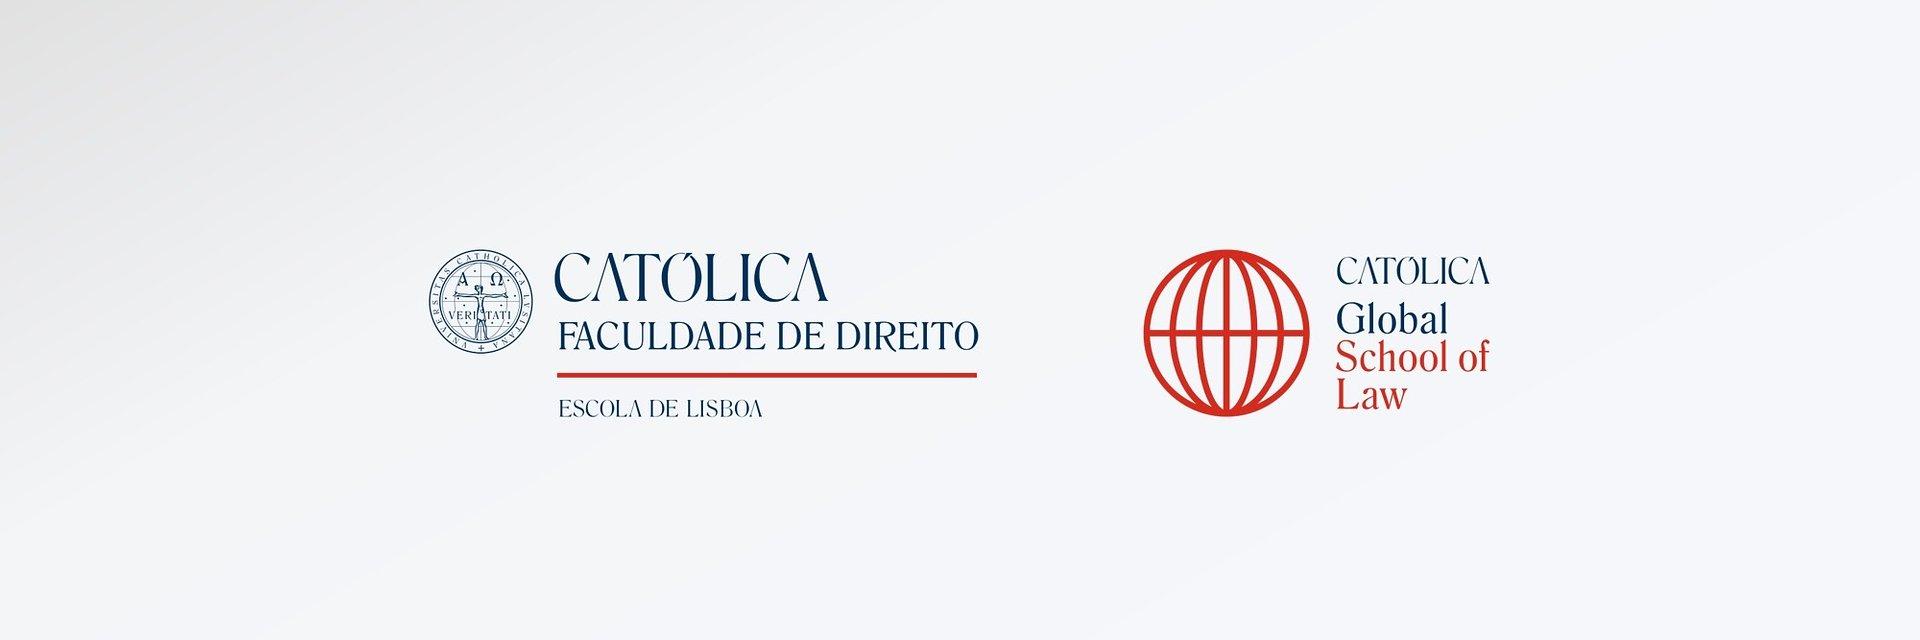 Miguel Poiares Maduro é titular da Cátedra VdA em Digital Governance na Faculdade de Direito da Católica em Lisboa